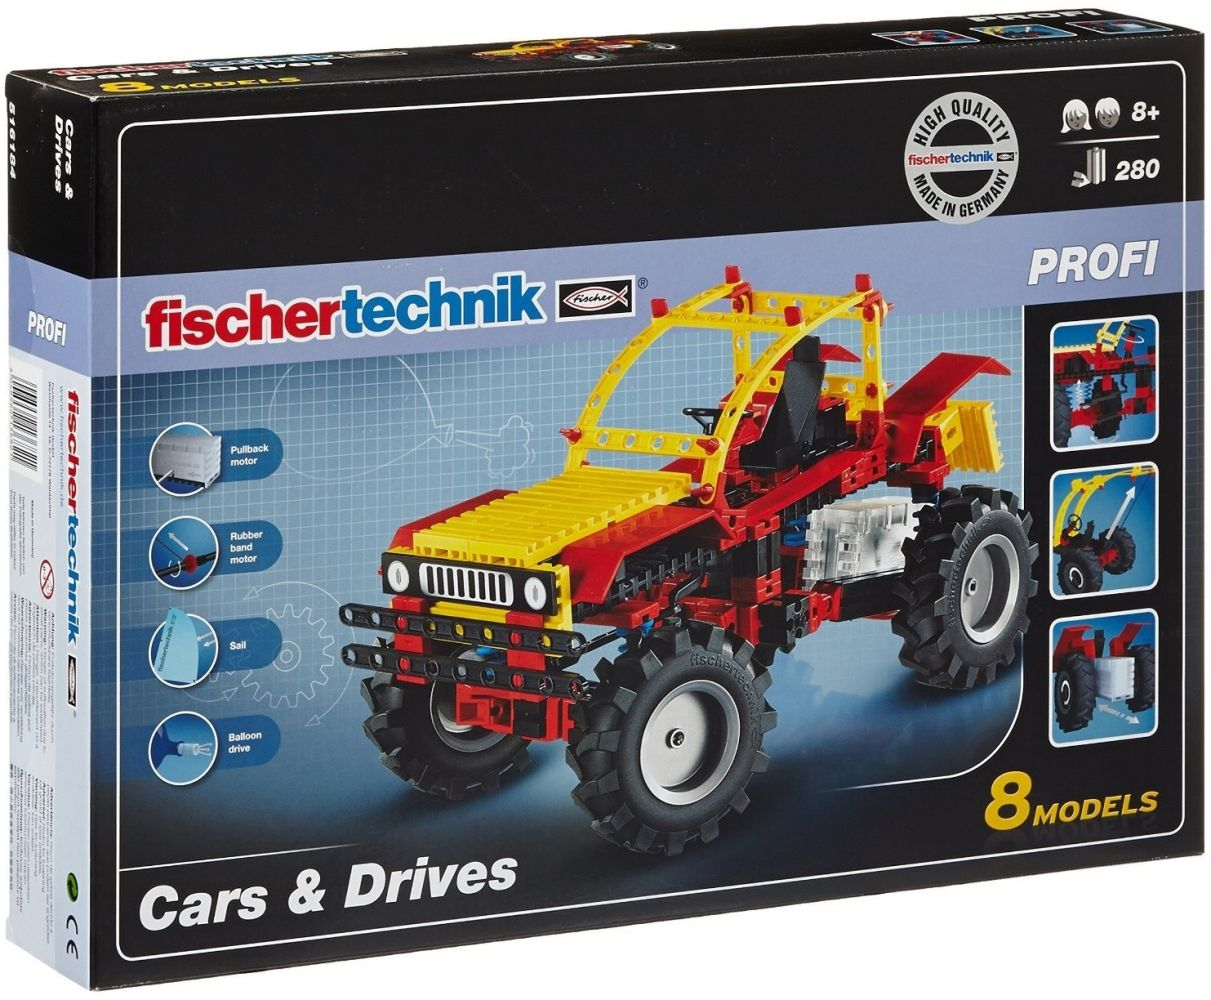 Fischertechnik - PROFI Cars and Drive 516184 Bild 1